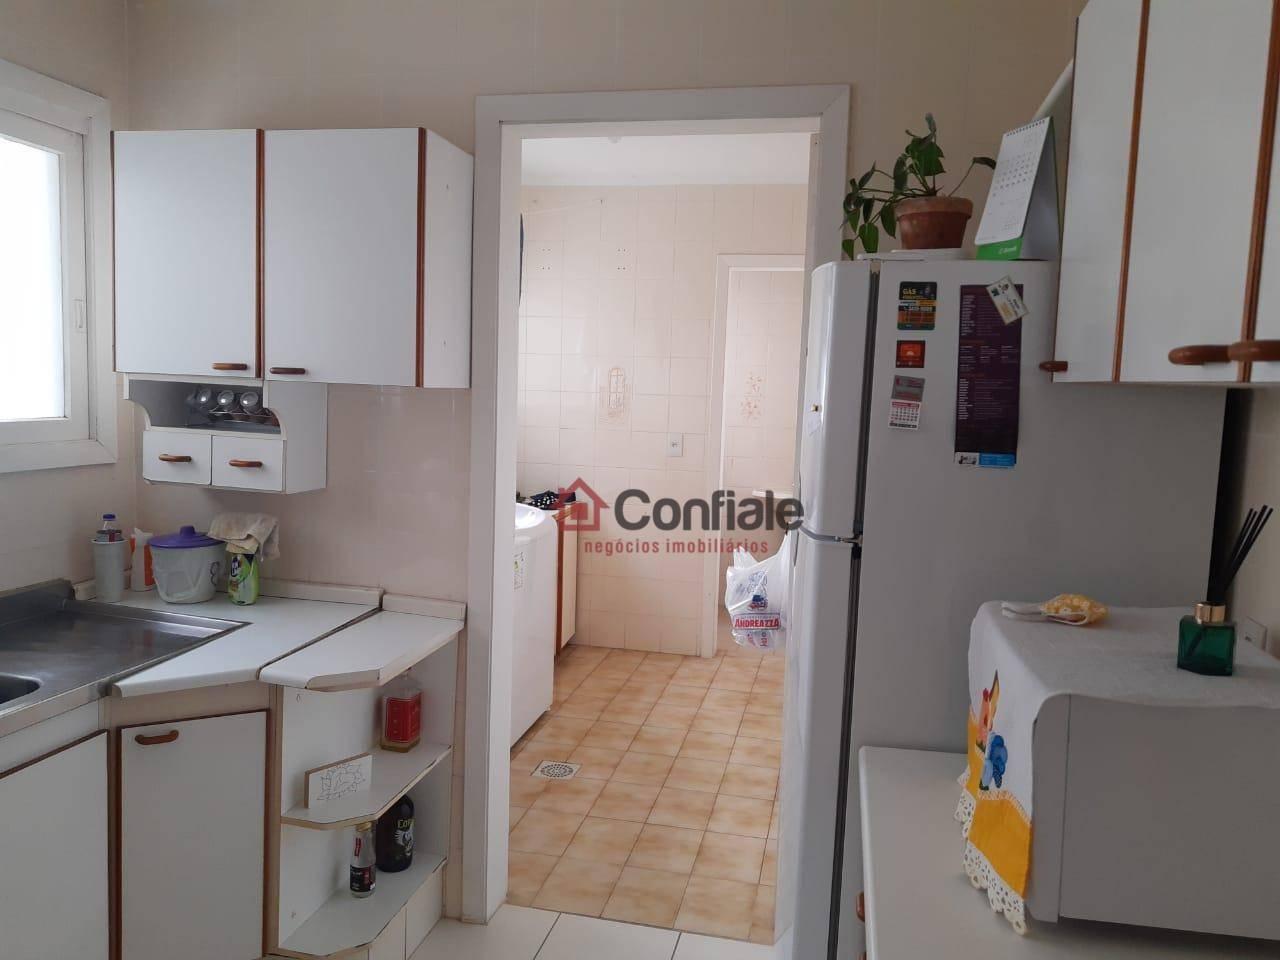 https://s3-sa-east-1.amazonaws.com/static-arbo/AP0536_CNI/apartamento-com-dormitorios-para-alugar-m-por-r-mes-pio-x-caxias-do-sulrs1622314736951xkvqm.jpg